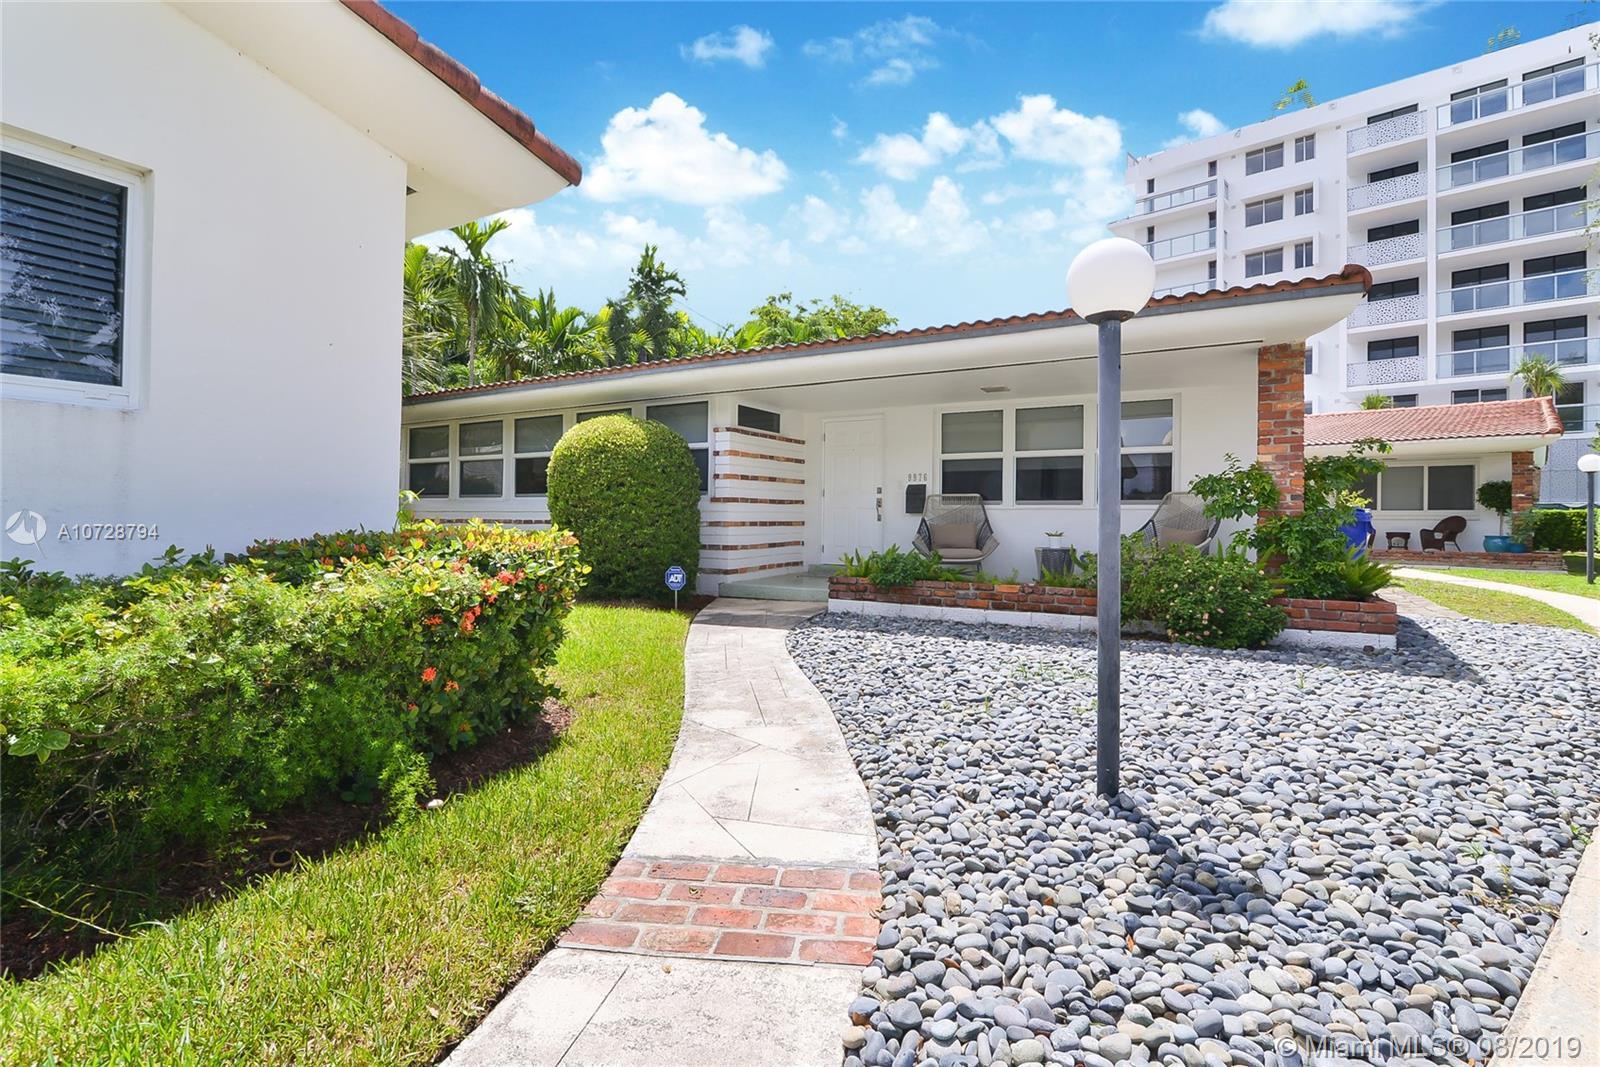 9976 E Bay Harbor Dr  For Sale A10728794, FL